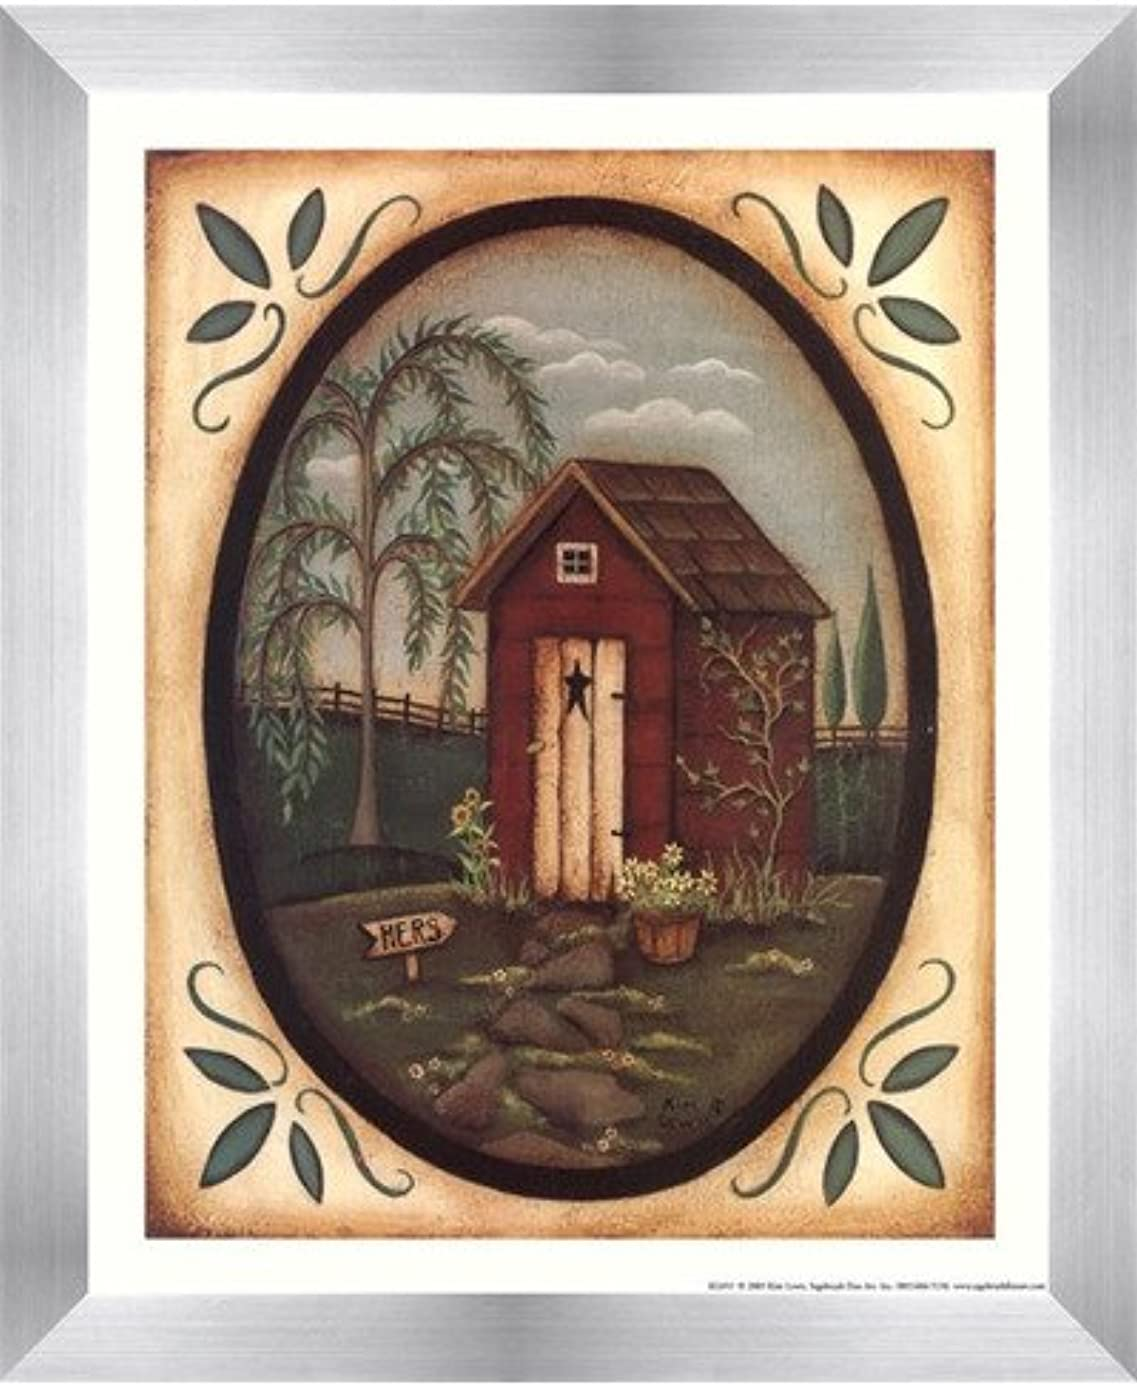 ブーム女将立法彼女Outhouse by Kim Lewis – 9 x 11インチ – アートプリントポスター 8 x 10 Inch LE_211585-F9935-9x11